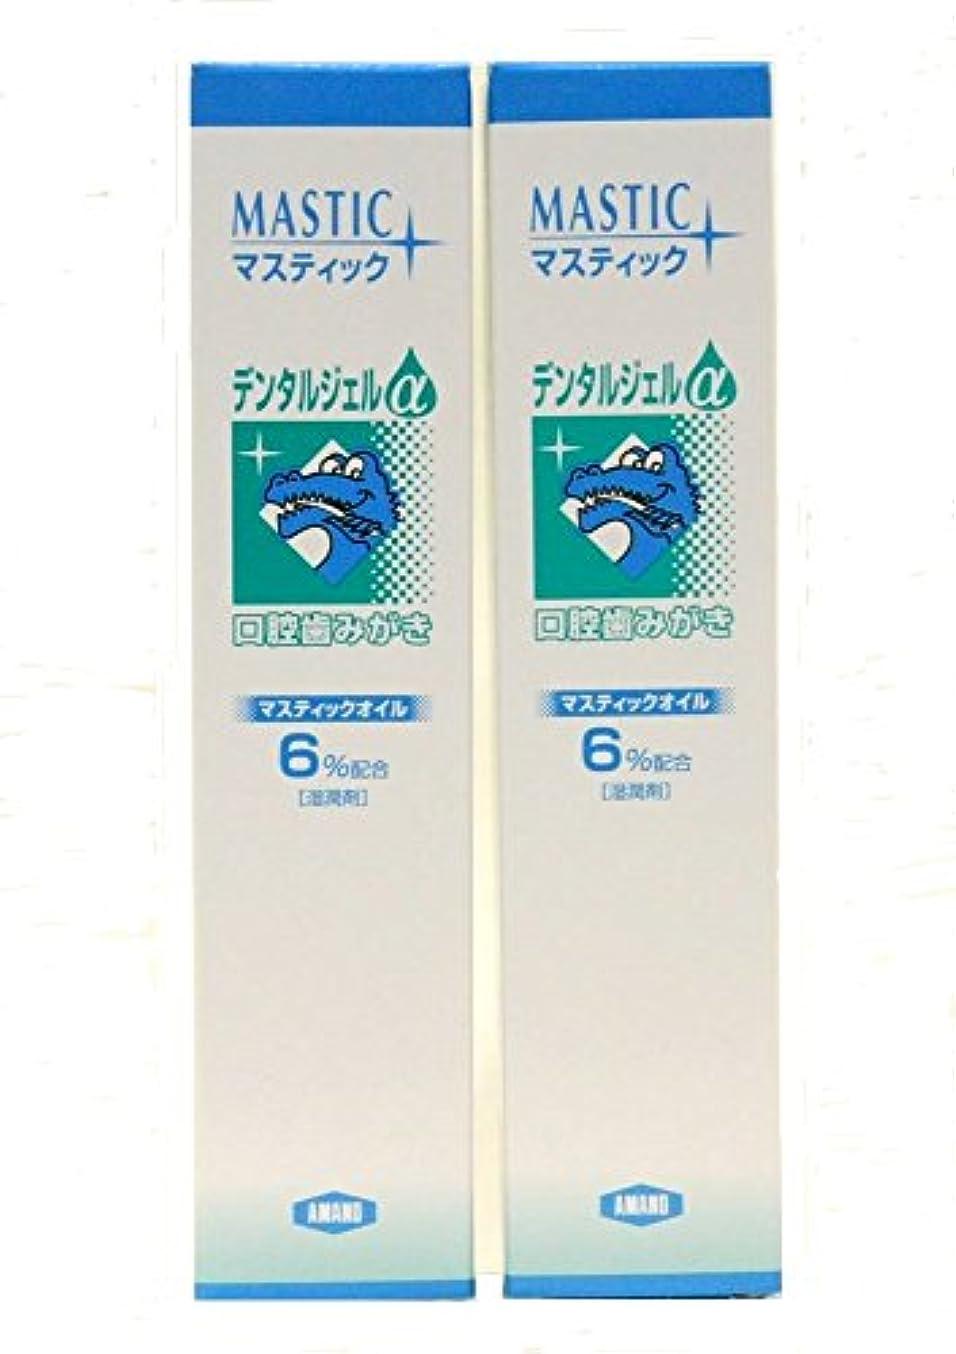 案件好き池MASTIC マスティックデンタルジェルα45gX2個セット